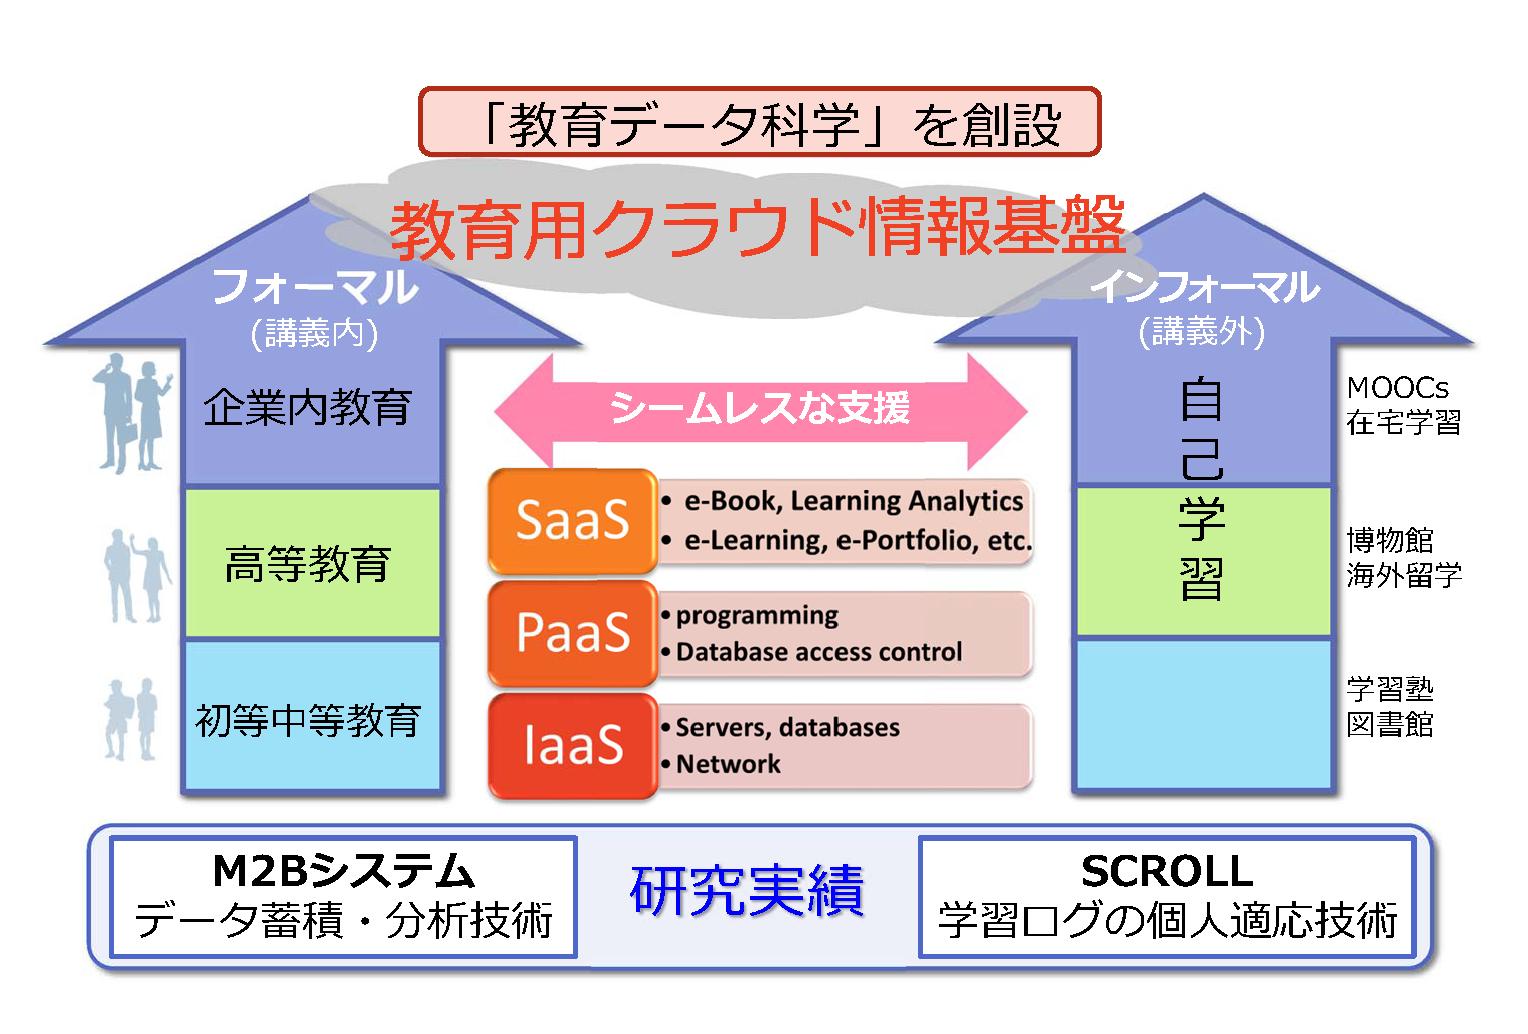 【図】研究プロジェクト全体のアウトライン